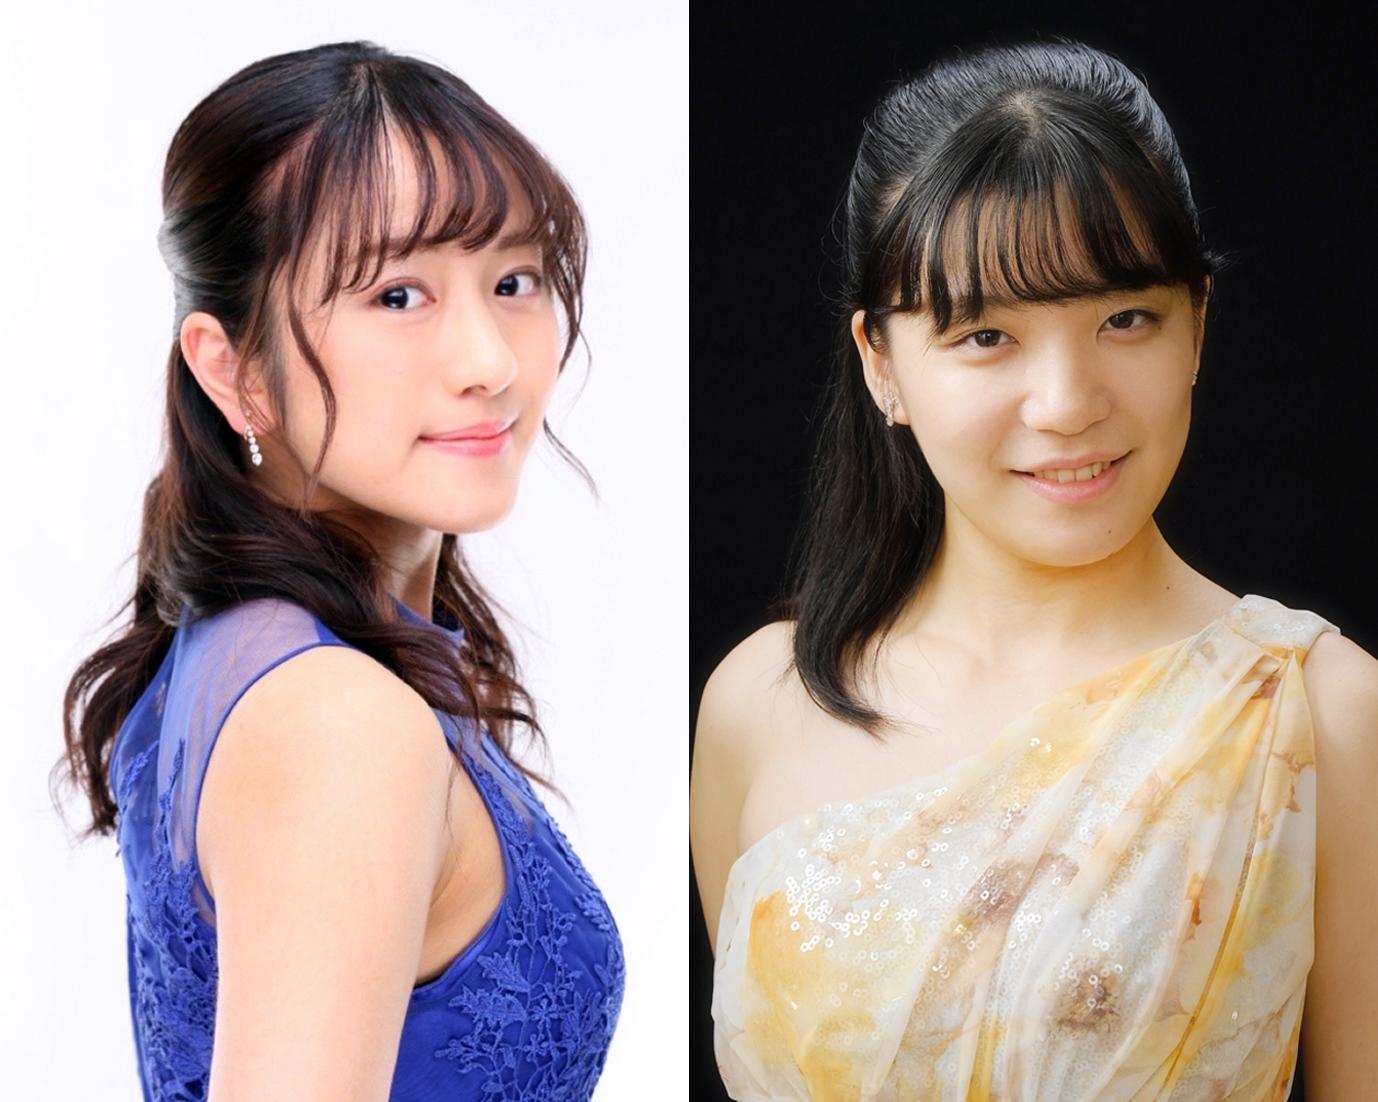 金﨑 瑞希 & 米滿 希咲来 ピアノジョイントリサイタル